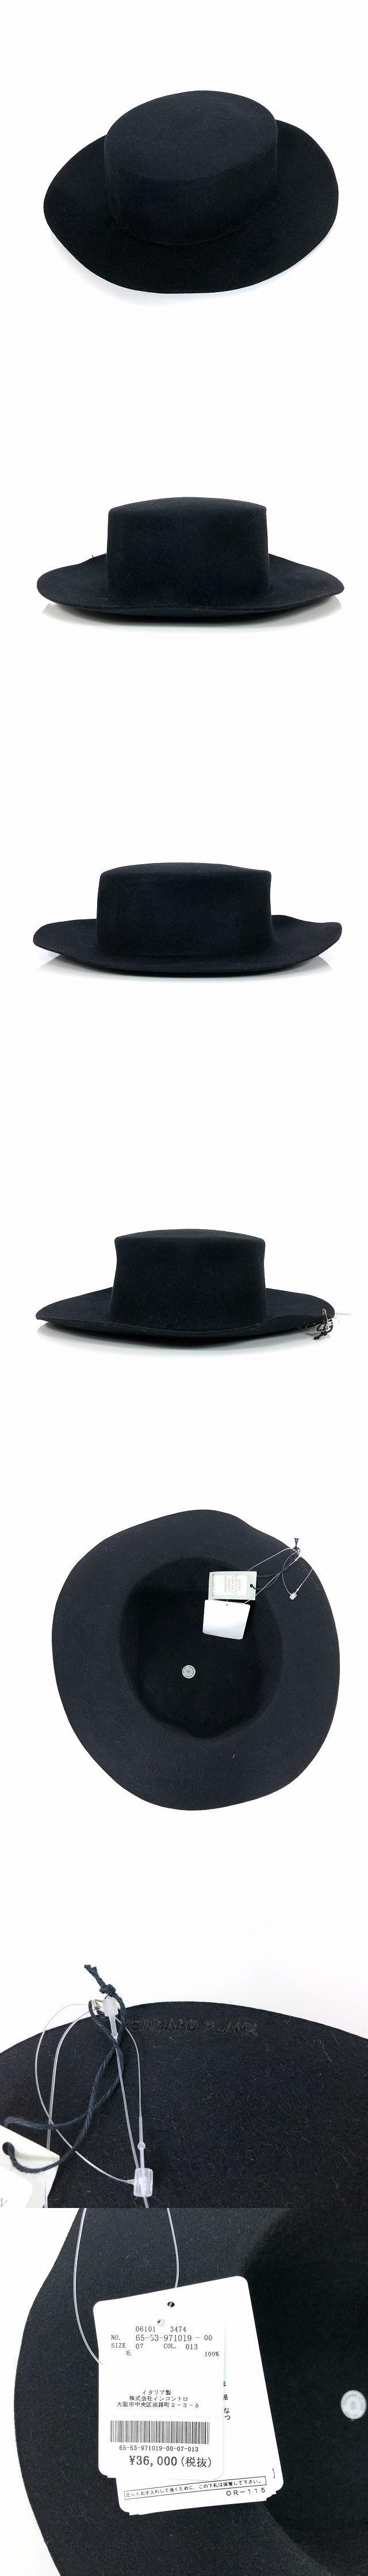 フェルト ウール ハット 帽子 ZORRO SHORT L01 ブラック 黒 SIZE 07 S 6553971019 col.013